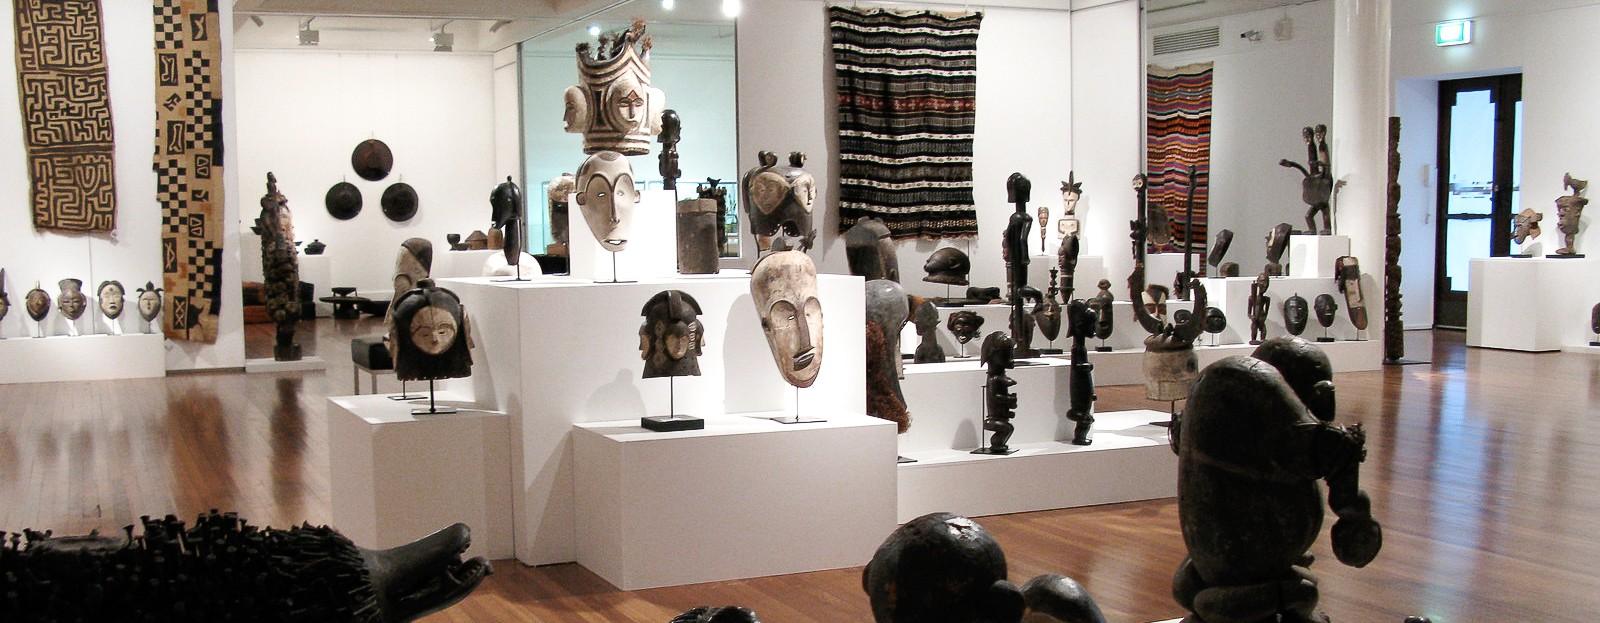 Dans cette galerie d'art africain, on voit des masques et heaumes Fang Ngil et Ngontang, des masques Punu Okuyi, des objets d'art primitif Kongo, des statues Fang Byeri